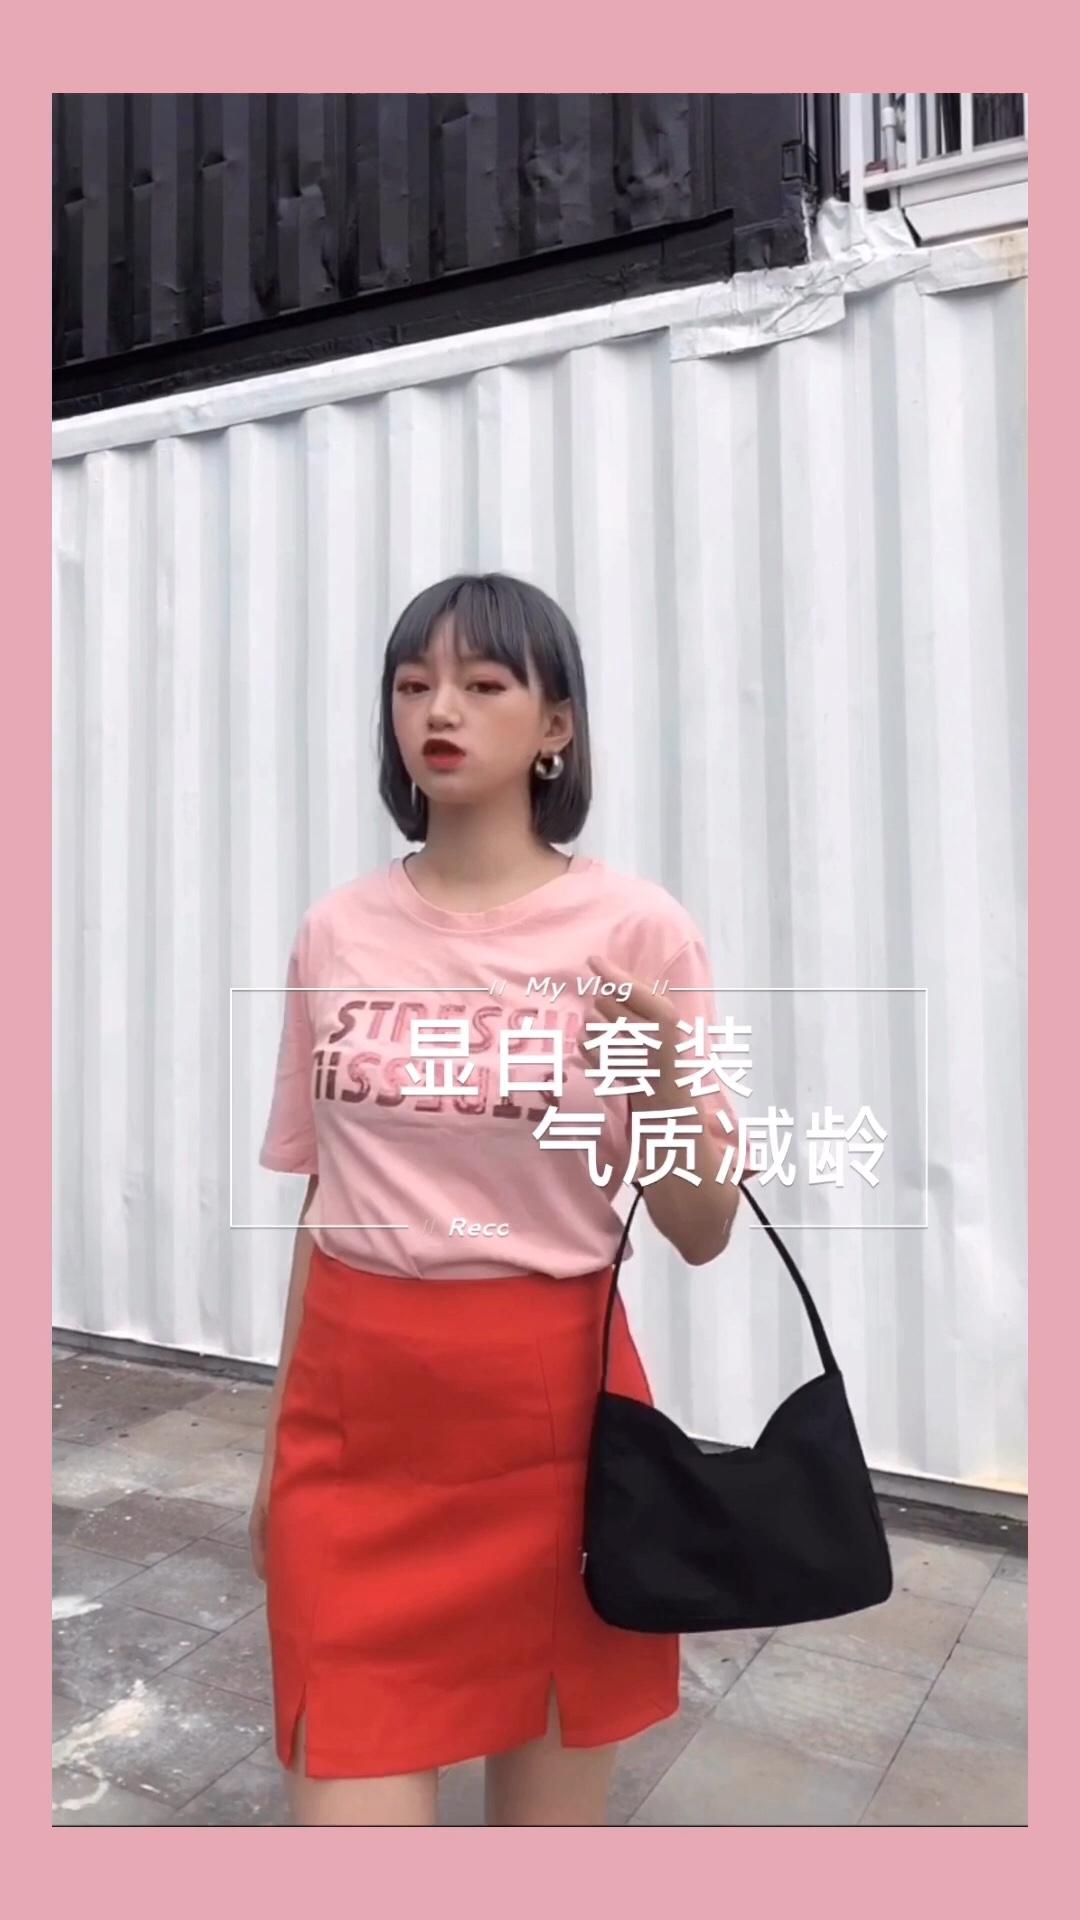 小王同学穿搭分享 A字裙我的最爱爱爱~ 粉色亮片刺绣T恤搭配红色小心机剪裁设计的包臀裙 扎进去穿真的又美又A 其实拍这个视频的时候我特别胖 这条裙子显瘦一级棒了。#适合小个子的入秋套装#